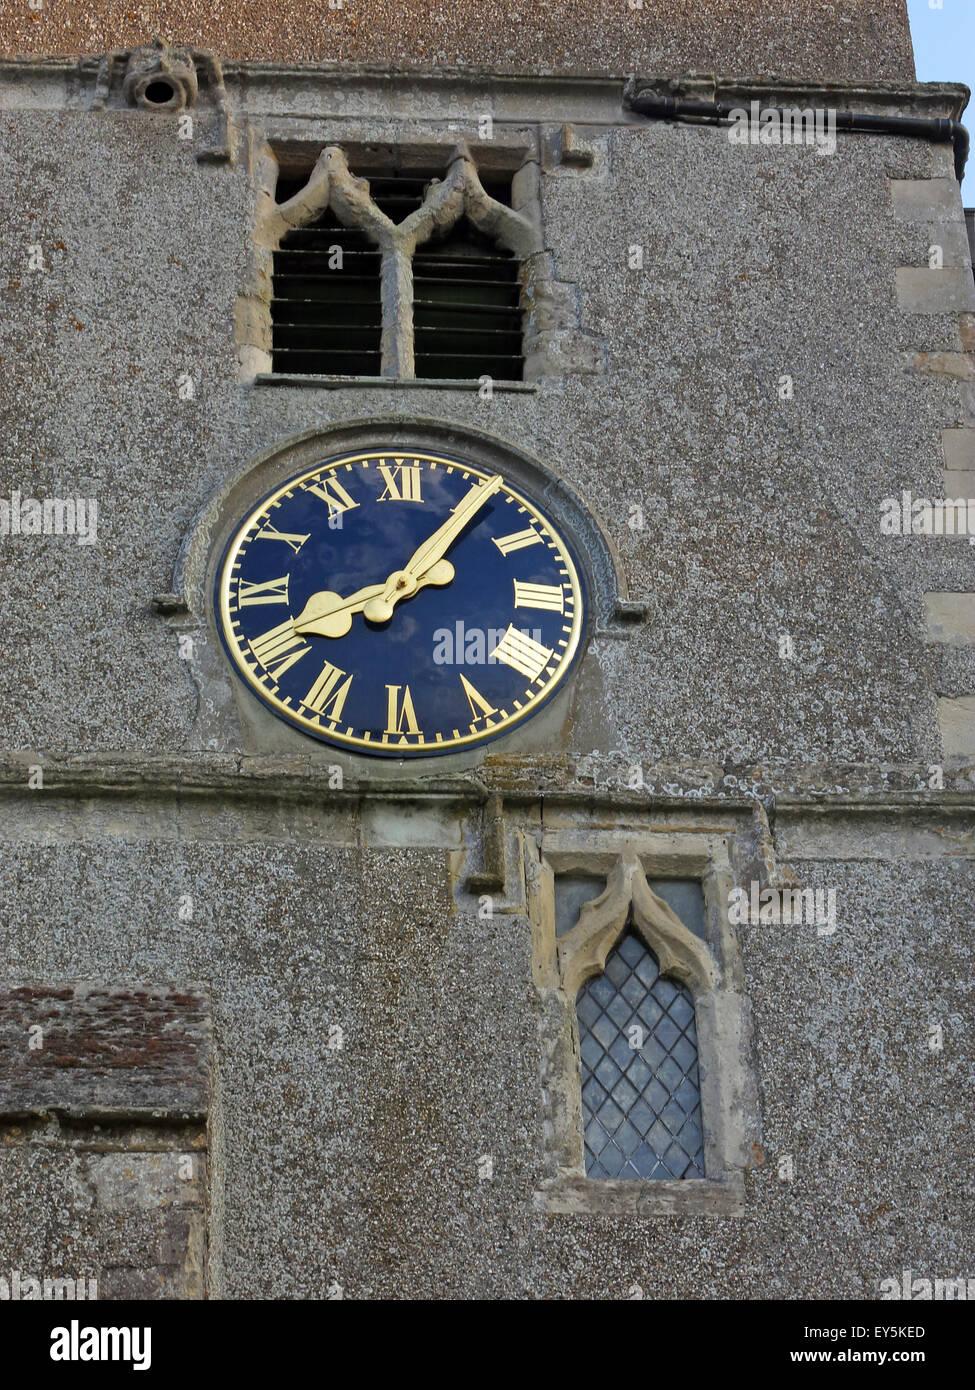 Laden Sie dieses Alamy Stockfoto Zifferblatt in St. Marys, East Ilsley, Berkshire, England, Vereinigtes Königreich - EY5KED